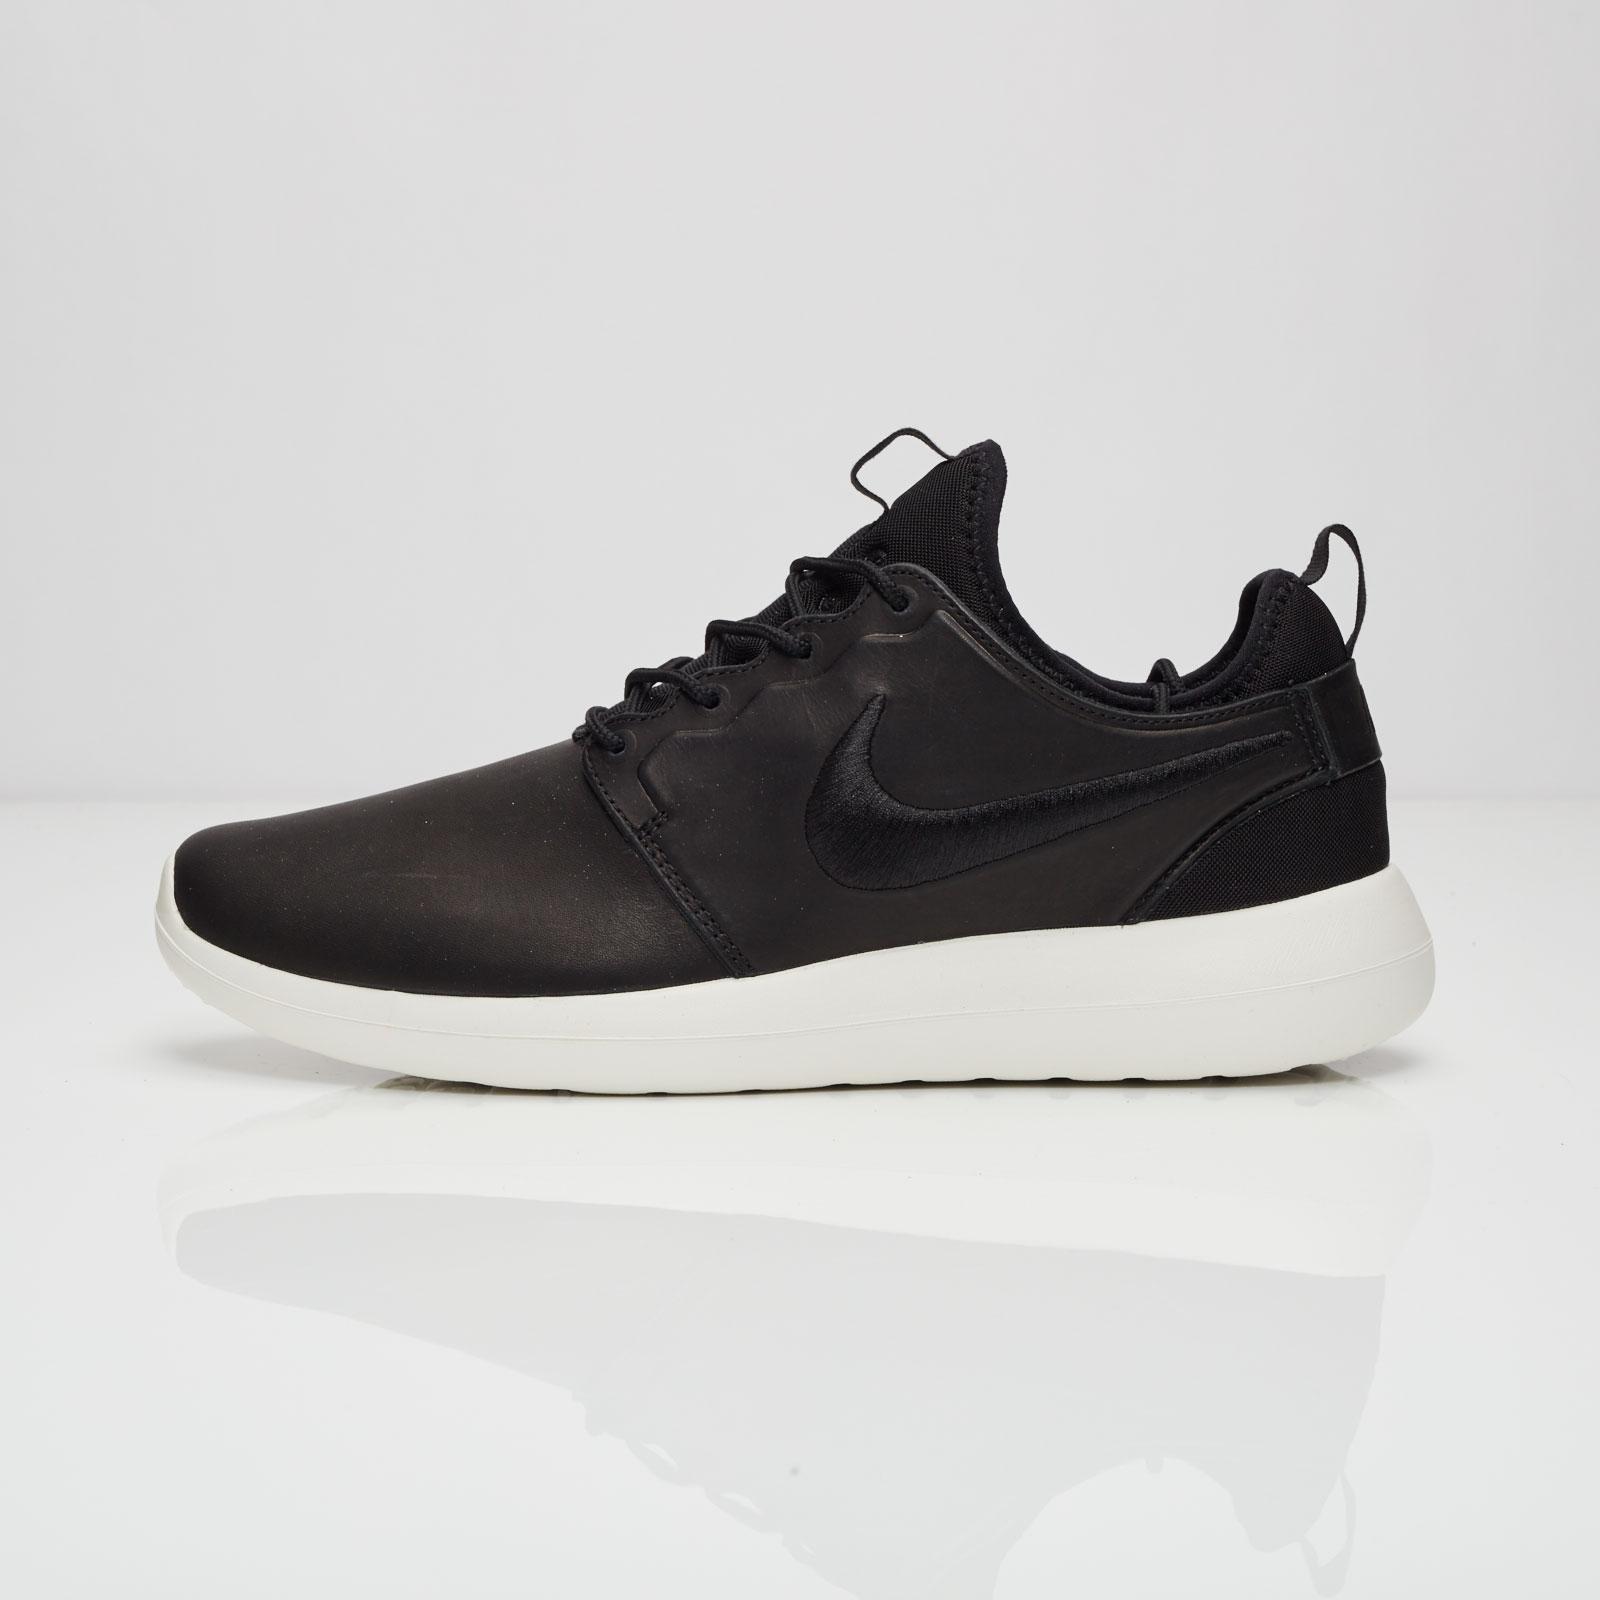 buy popular 47417 e796e Nike Roshe Two Leather Premium - 876521-001 - Sneakersnstuff   sneakers    streetwear på nätet sen 1999